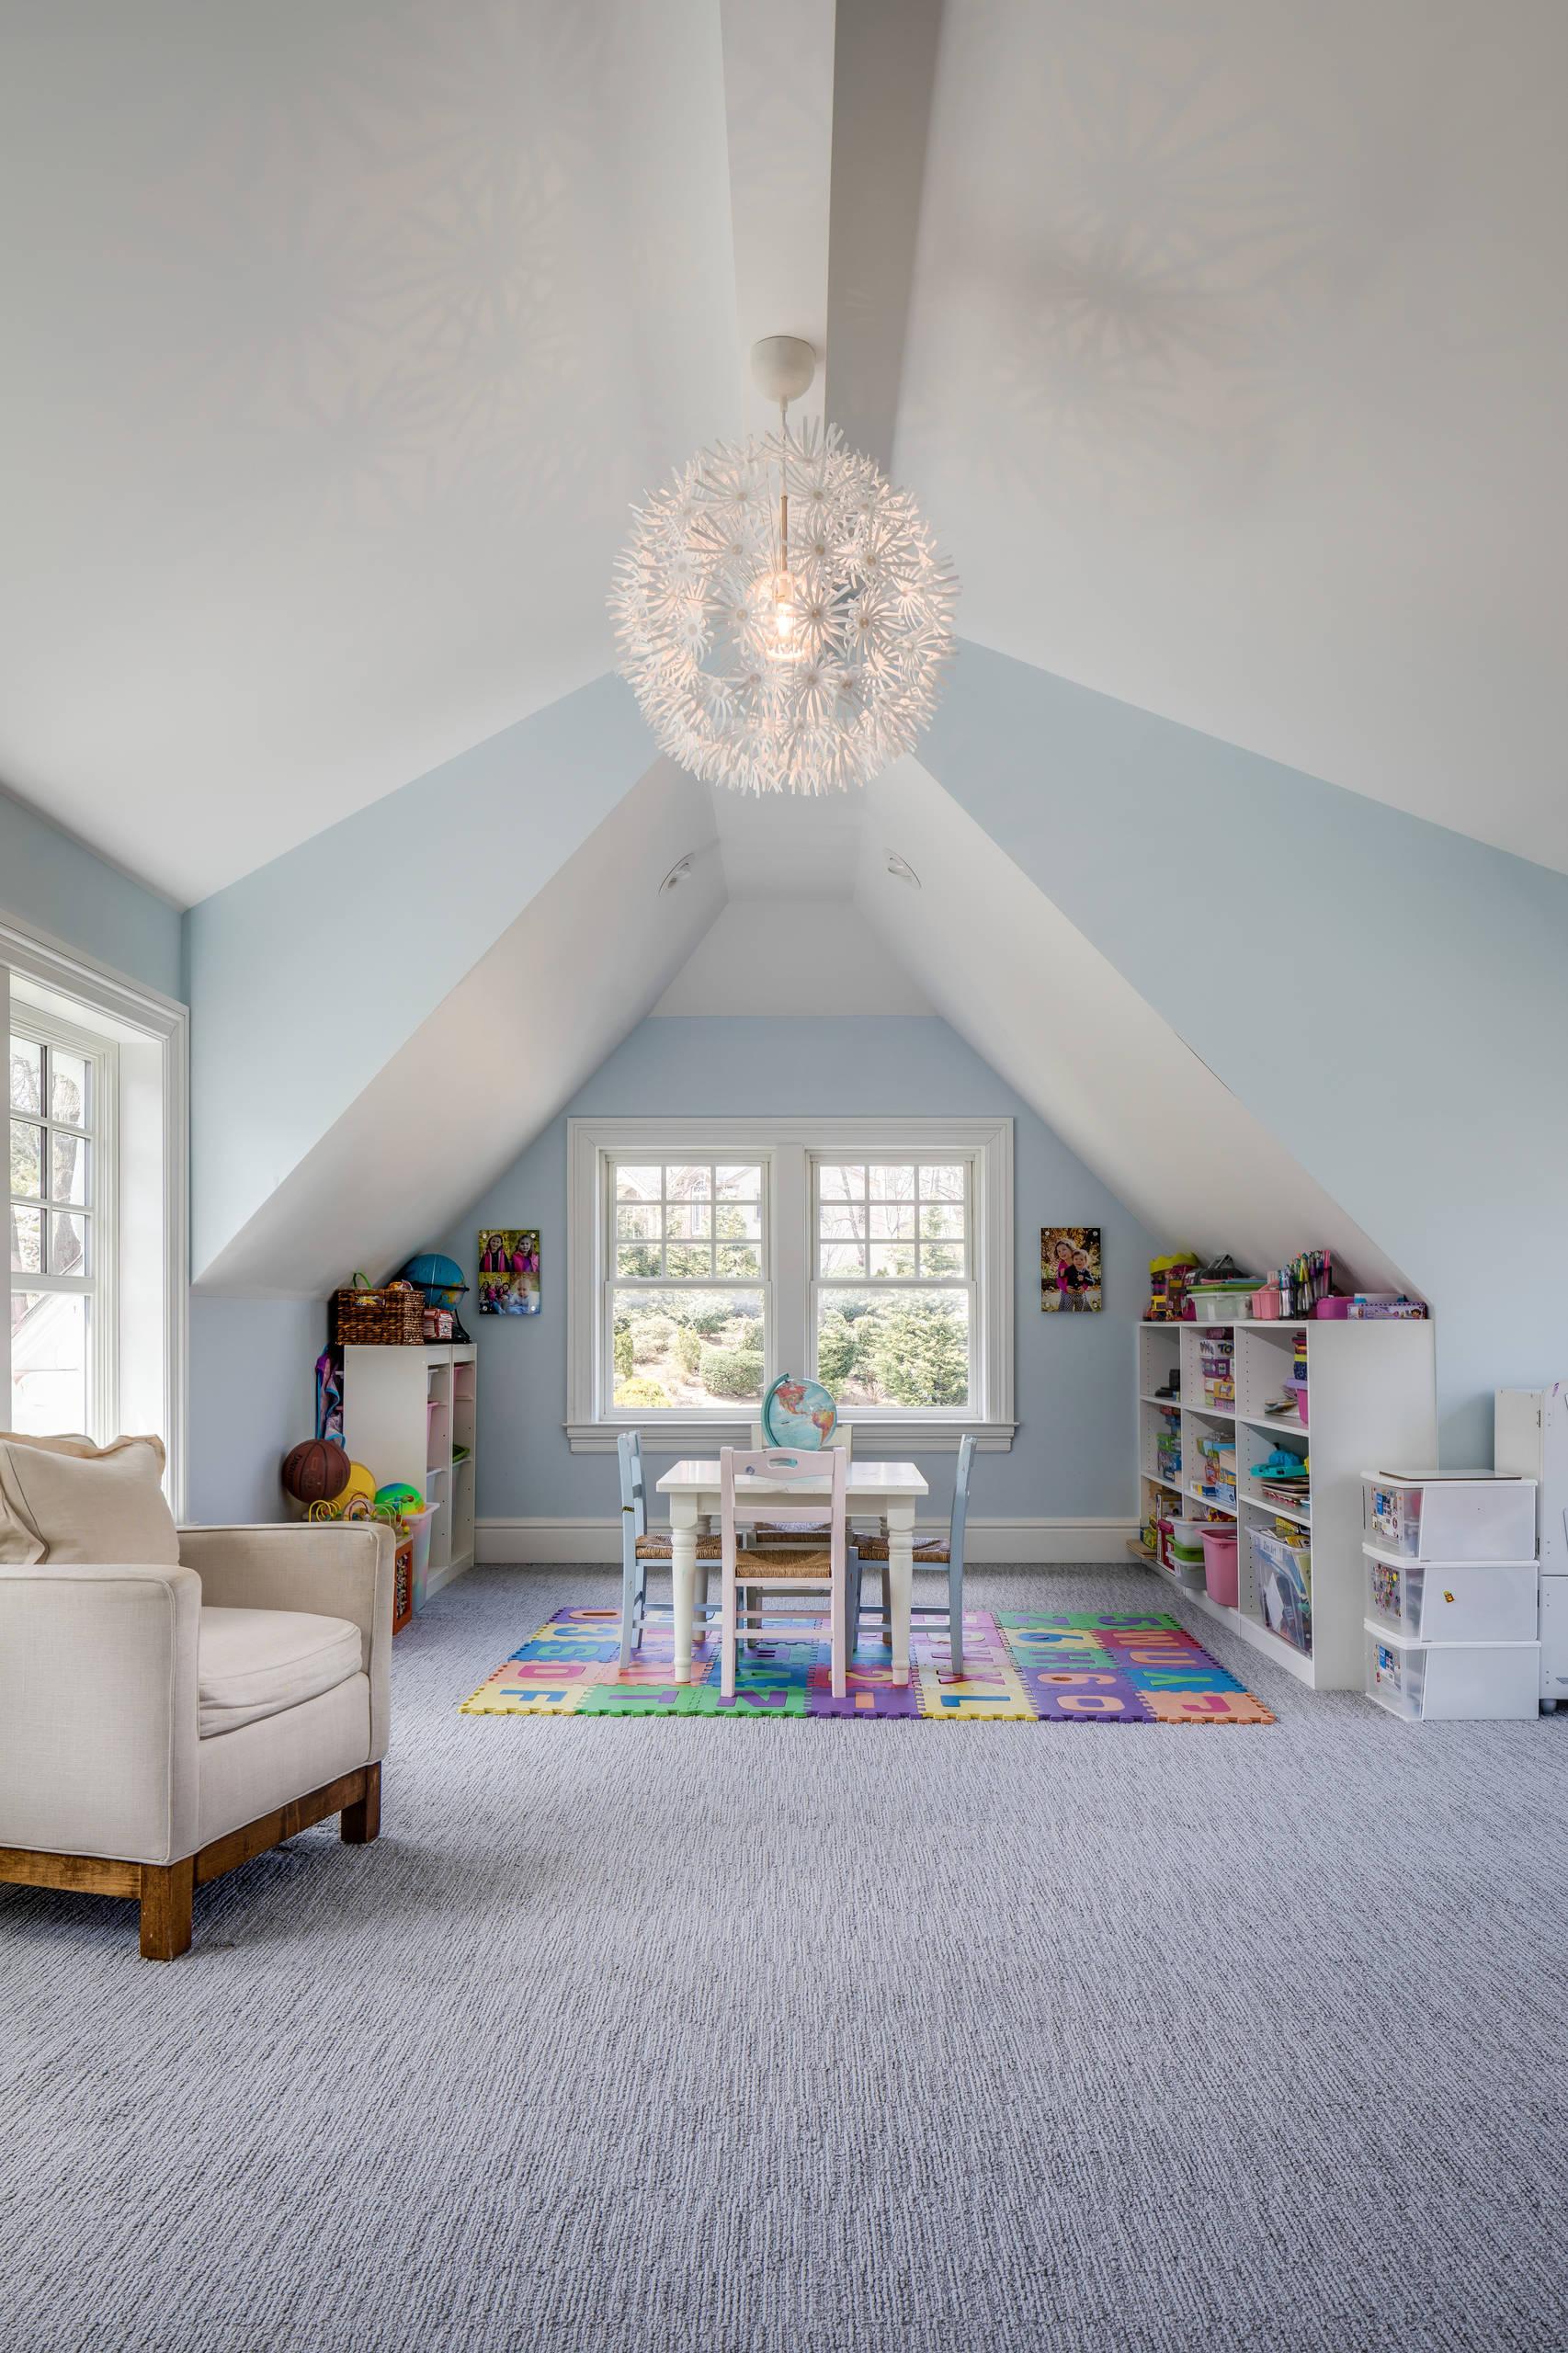 Gray Carpet Kids Room Ideas Photos Houzz